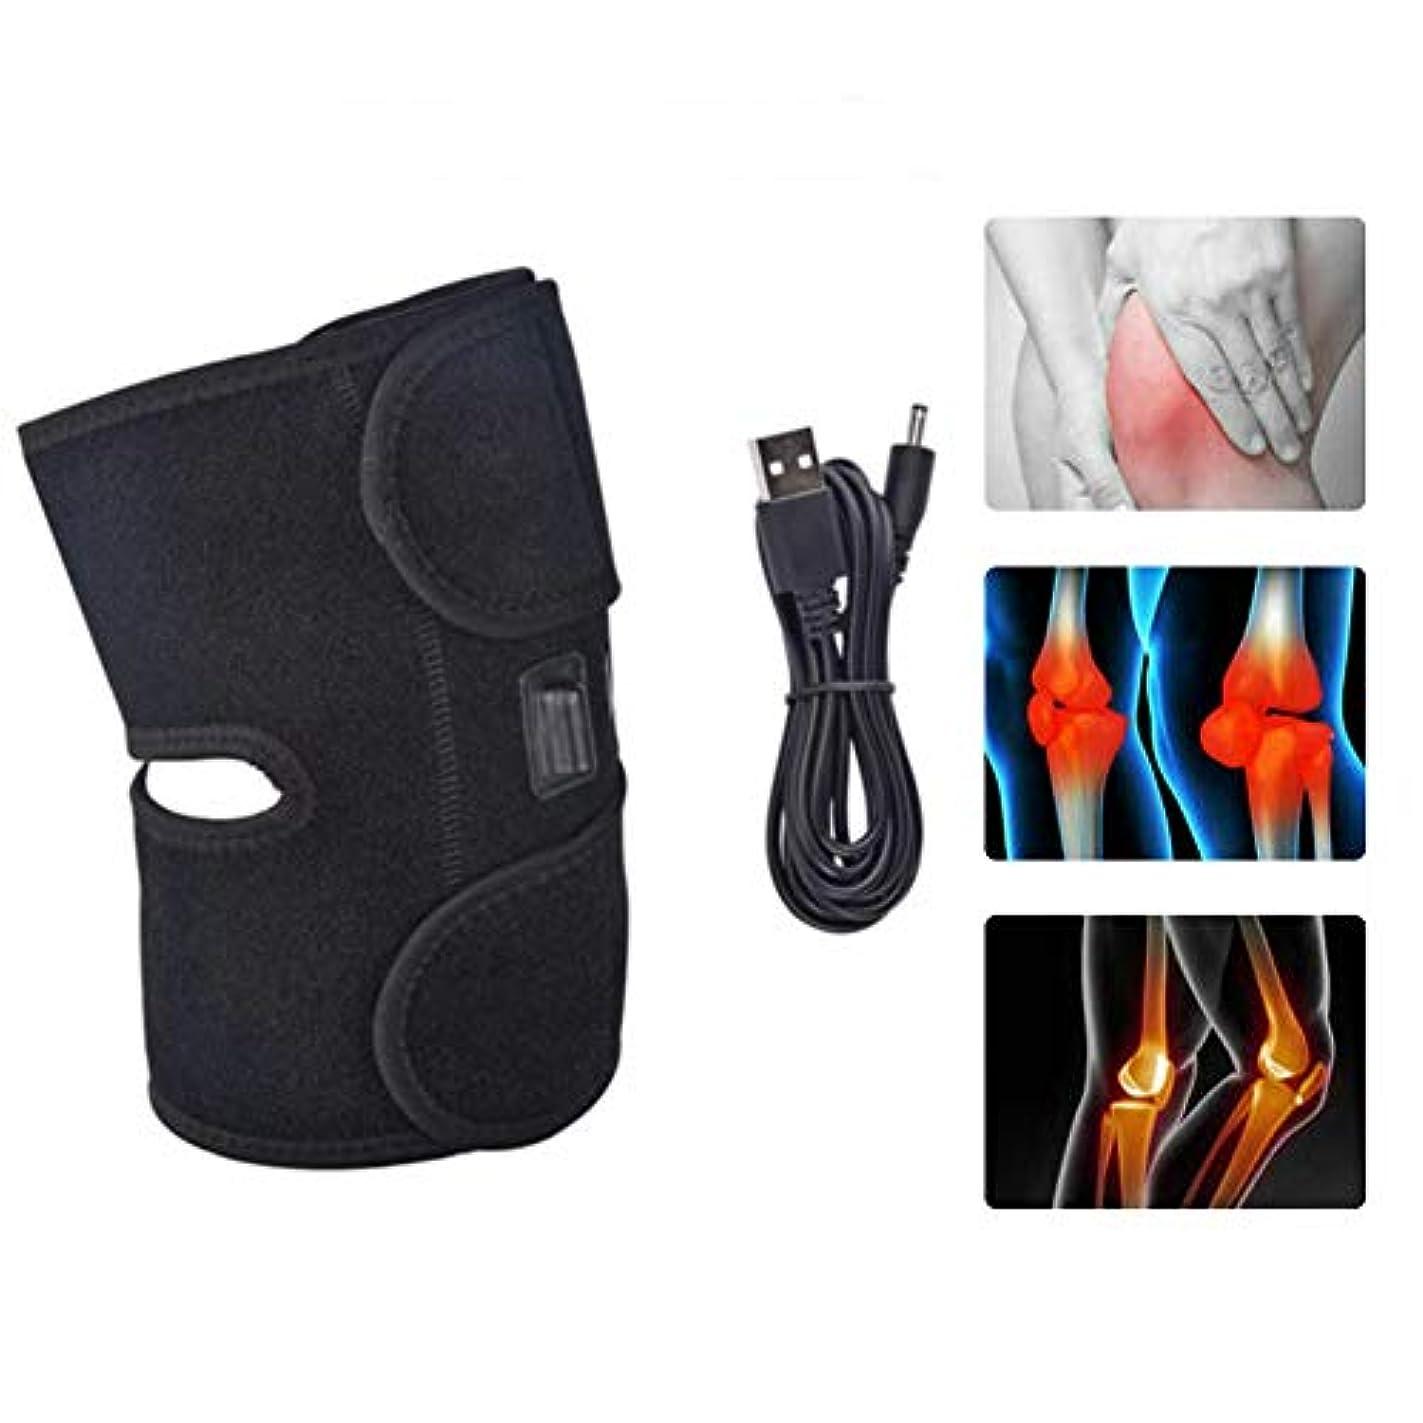 同種の解釈内なる電気加熱膝ブレースサポート - 膝温ラップラップパッド - 療法ホット圧縮3ファイル温度で膝の傷害,2pcs